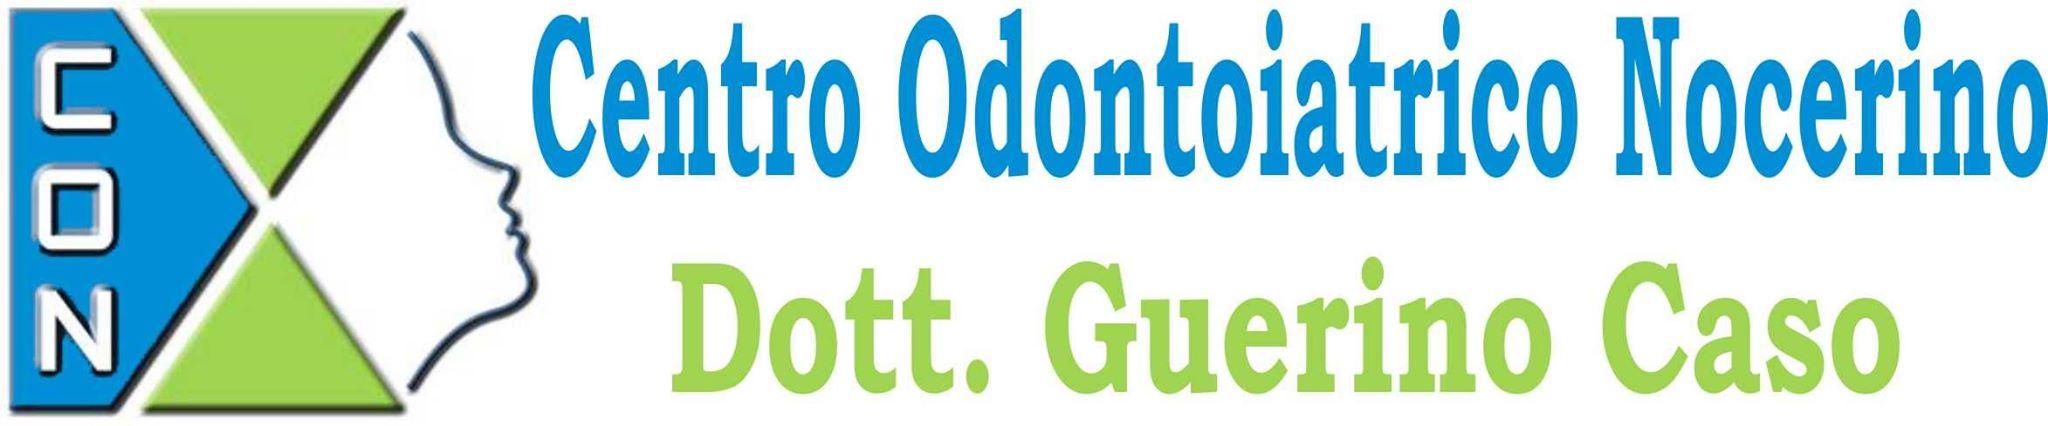 Centro Odontoiatrico Nocerino - Guerino Caso